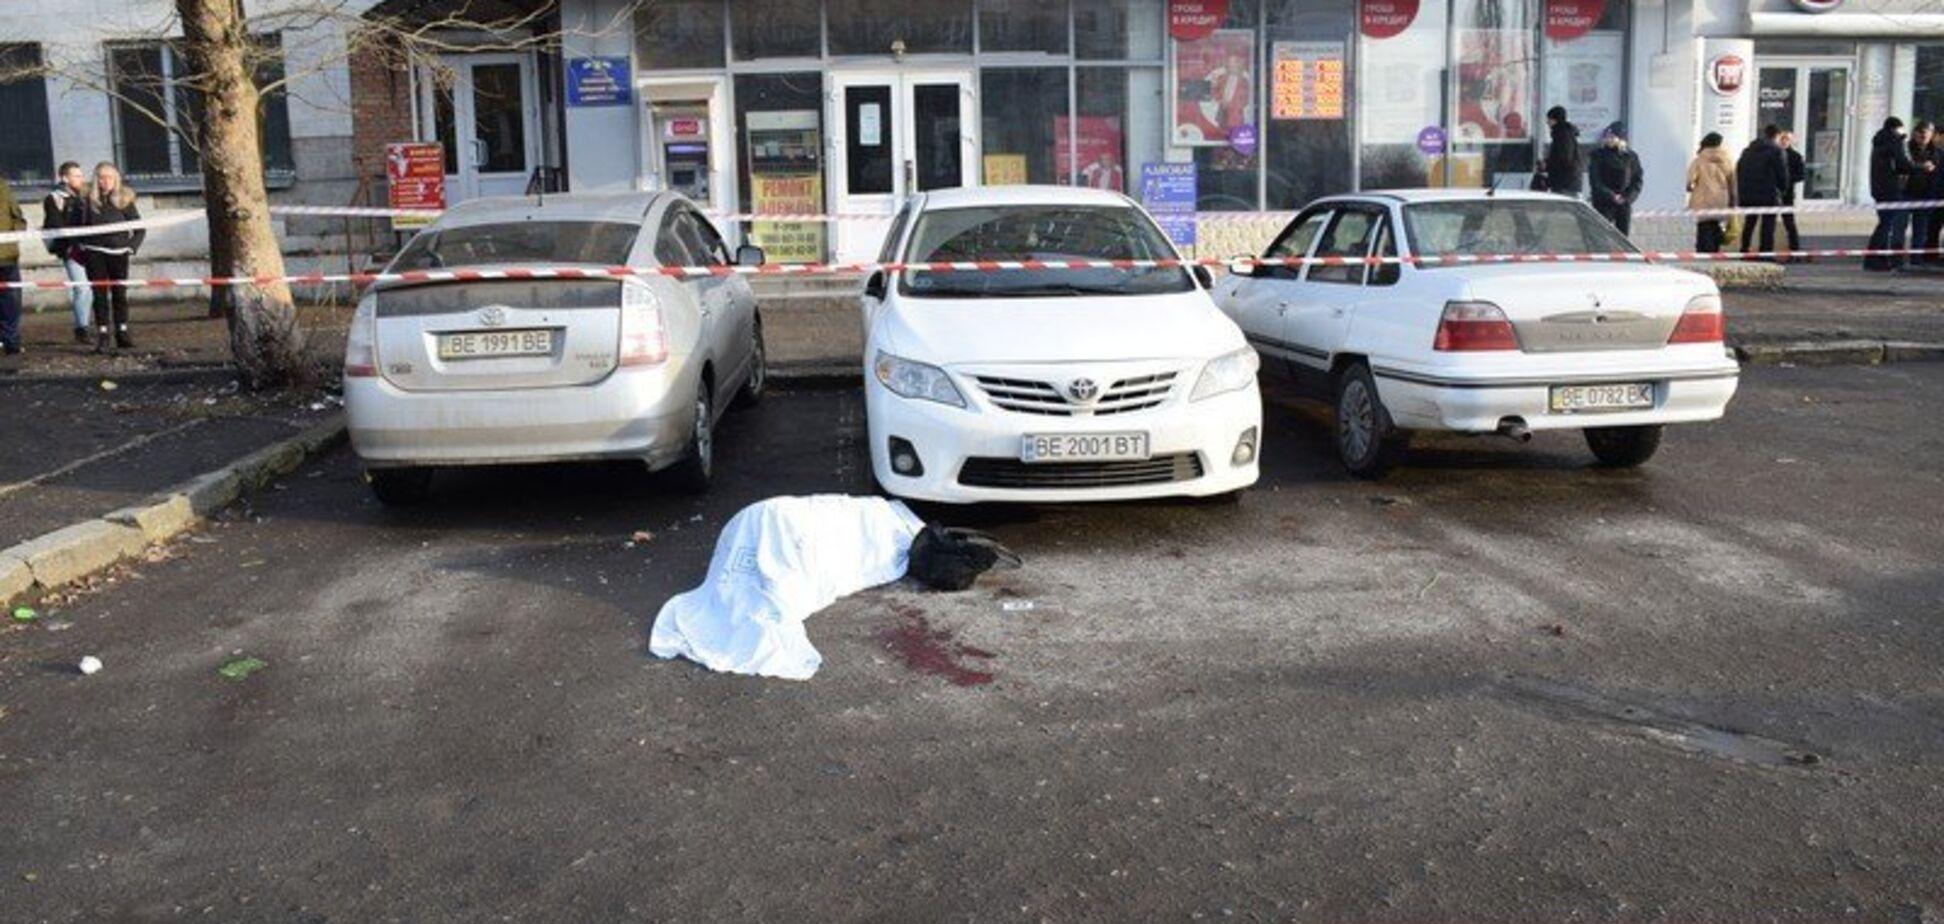 Хладнокровный расстрел в Николаеве: в деле всплыли нехорошие факты об убитых